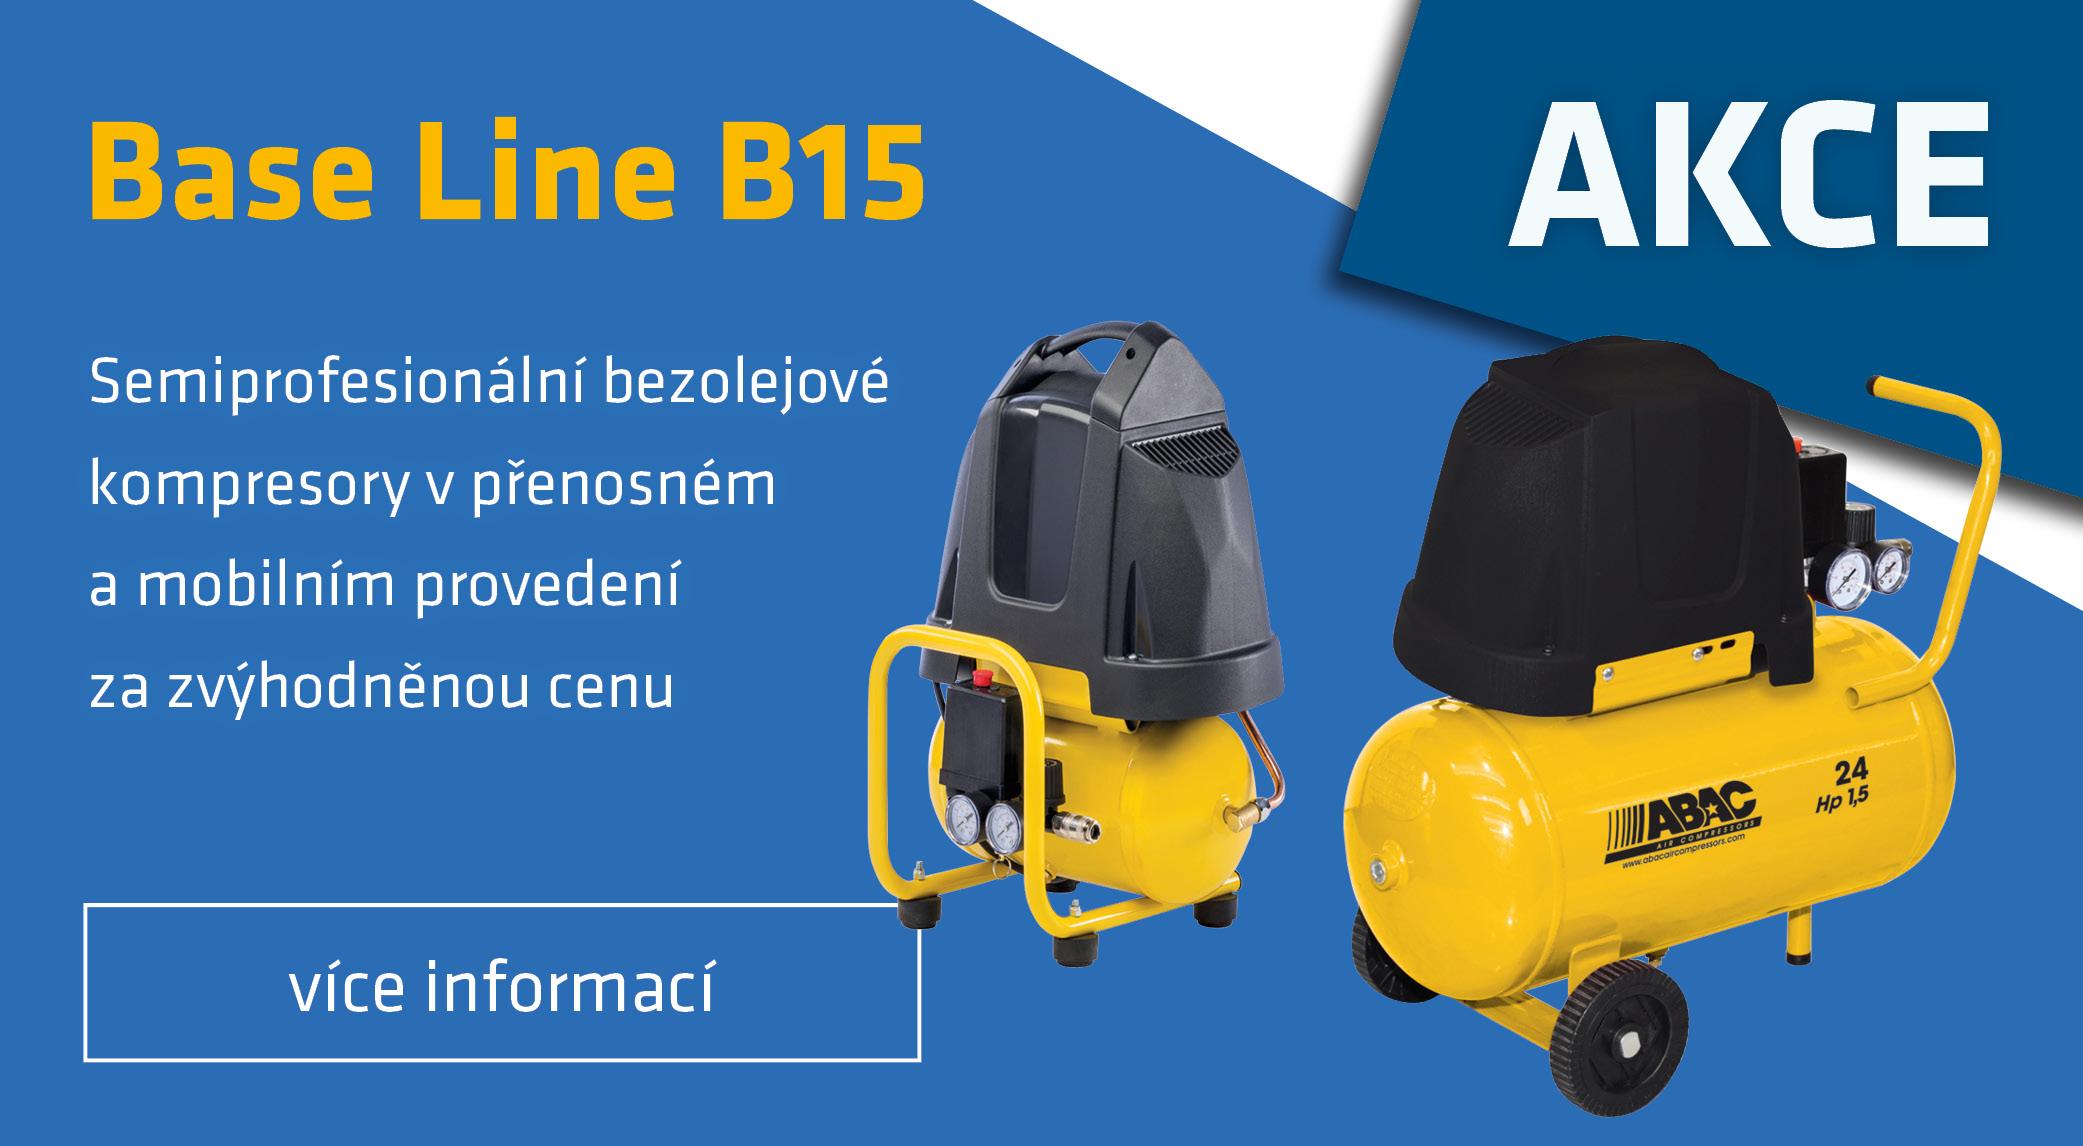 Akce Base Line B15